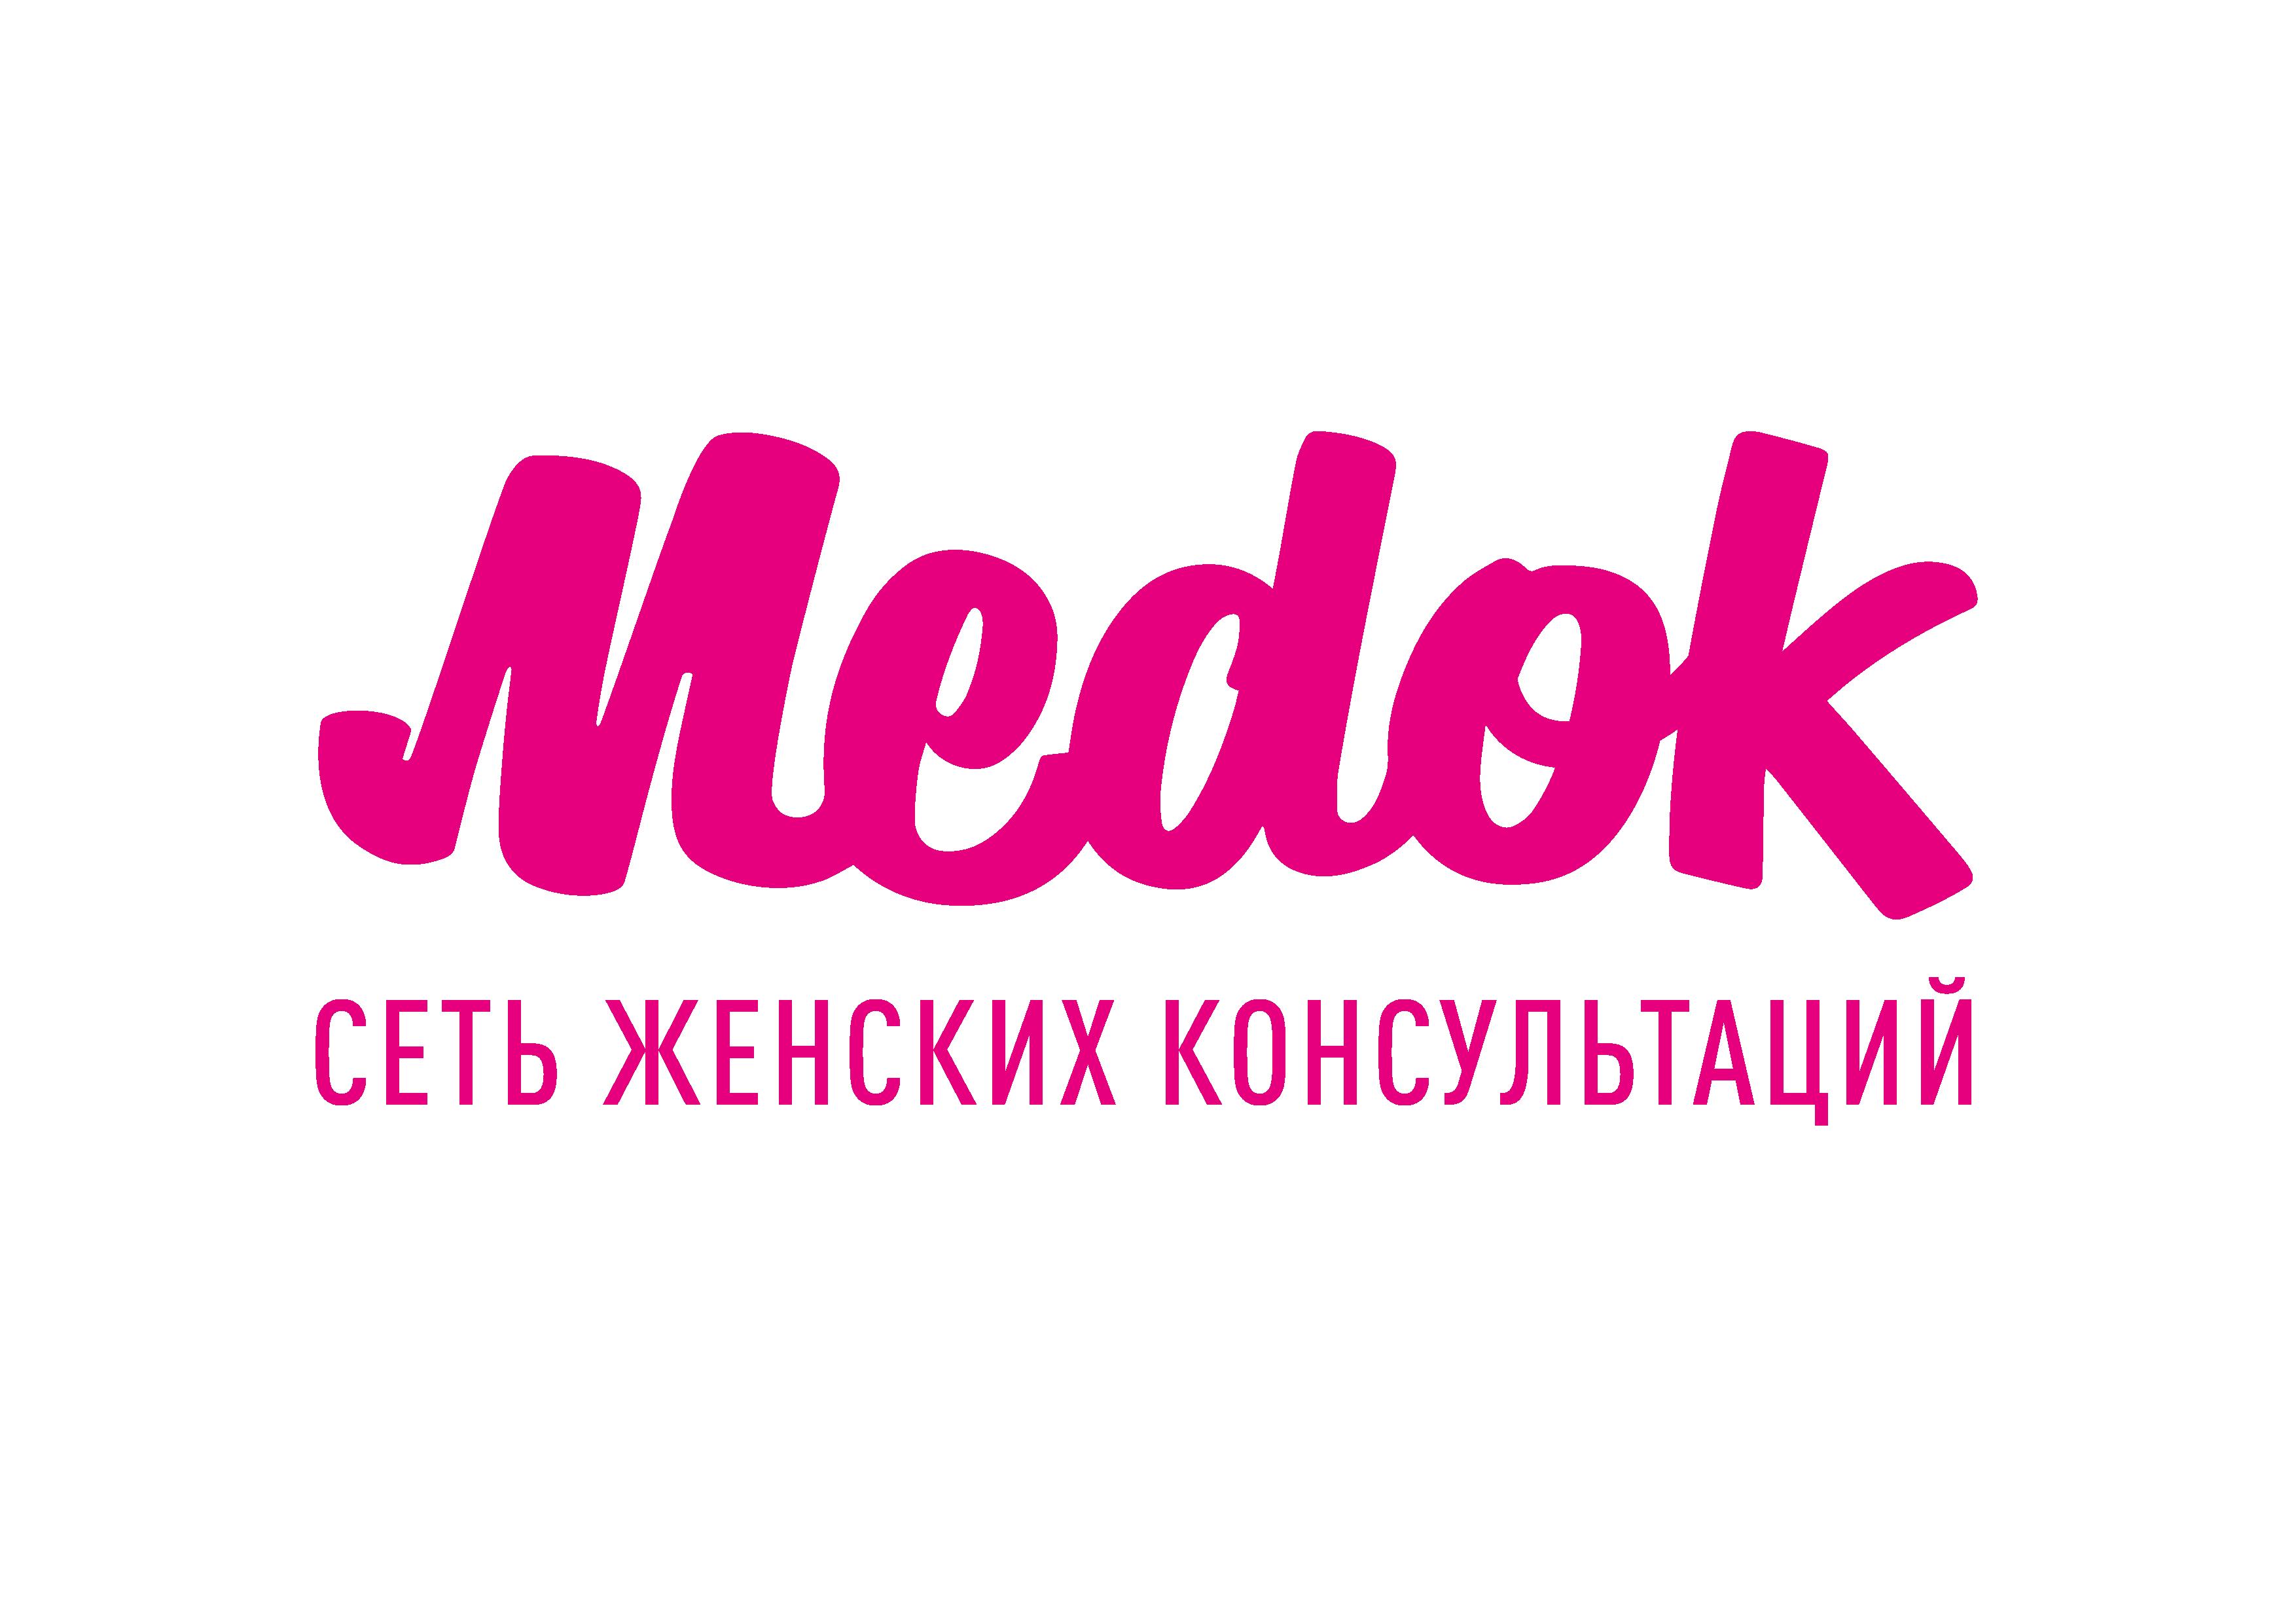 Женская консультация «Медок» в Коммунарке